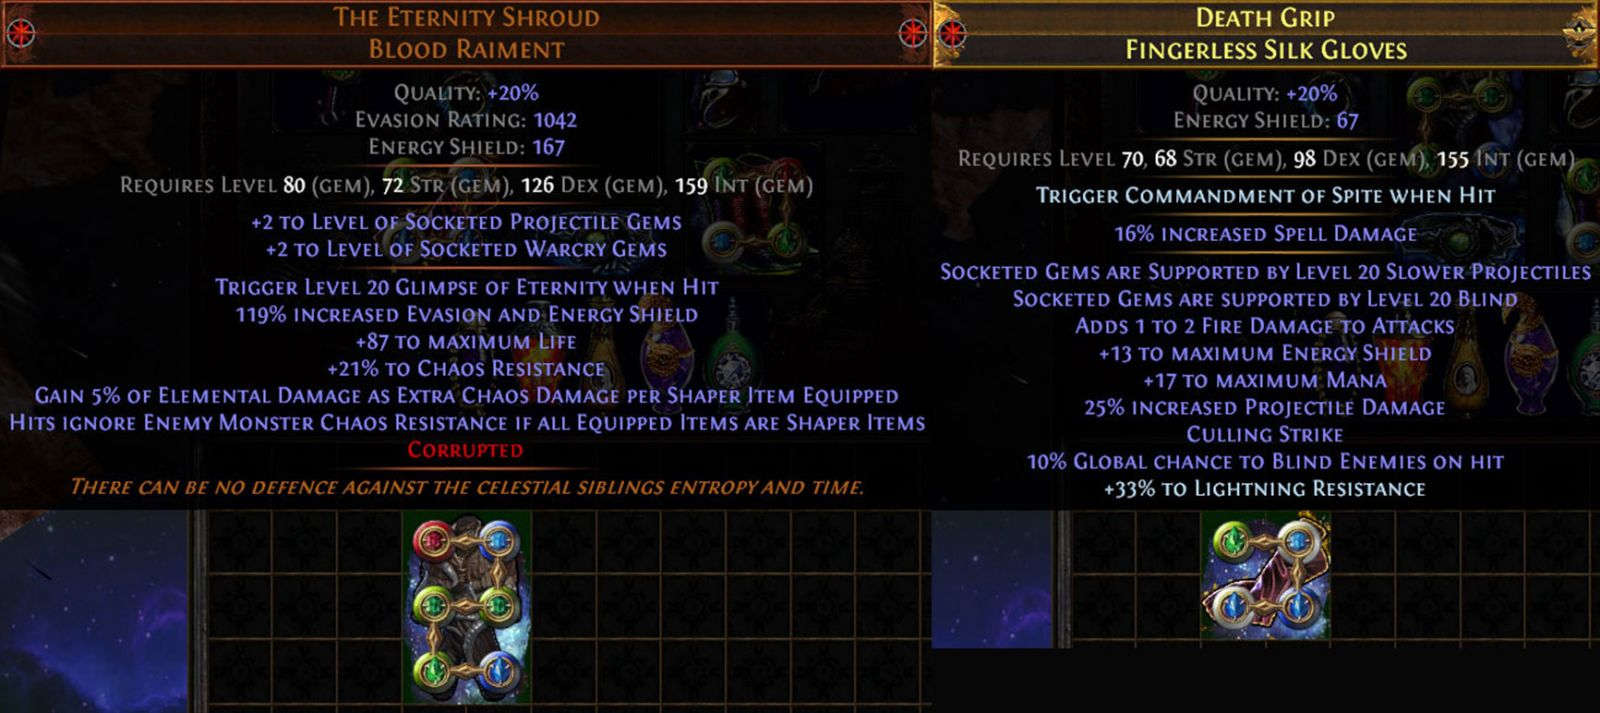 PoE 3.10 Delirium CoC Assassin Armor